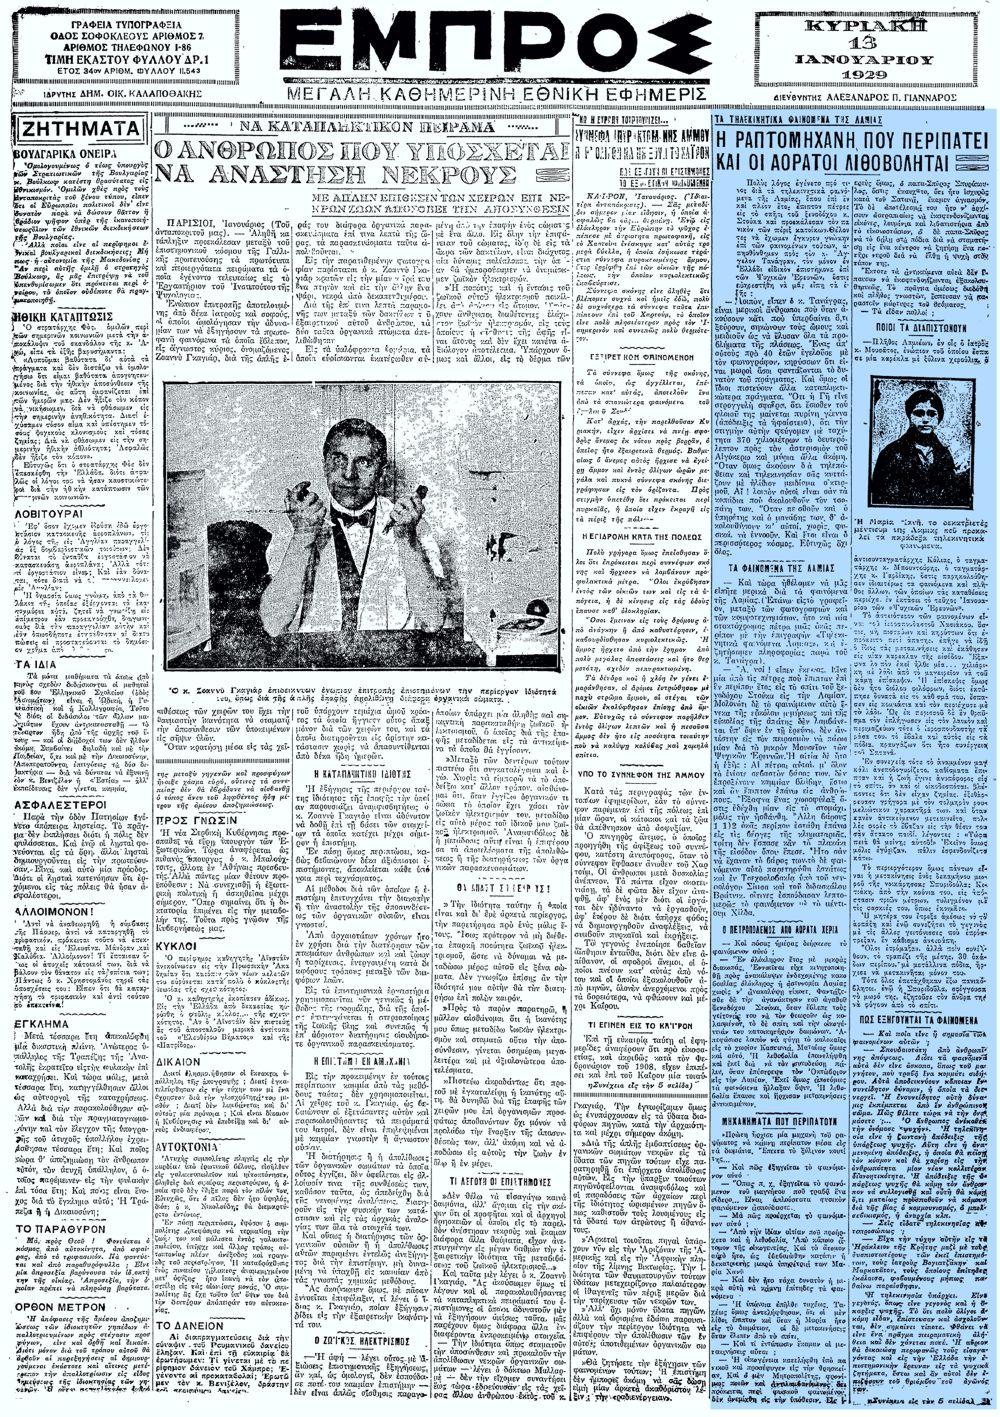 """Το άρθρο, όπως δημοσιεύθηκε στην εφημερίδα """"ΕΜΠΡΟΣ"""", στις 13/01/1929"""